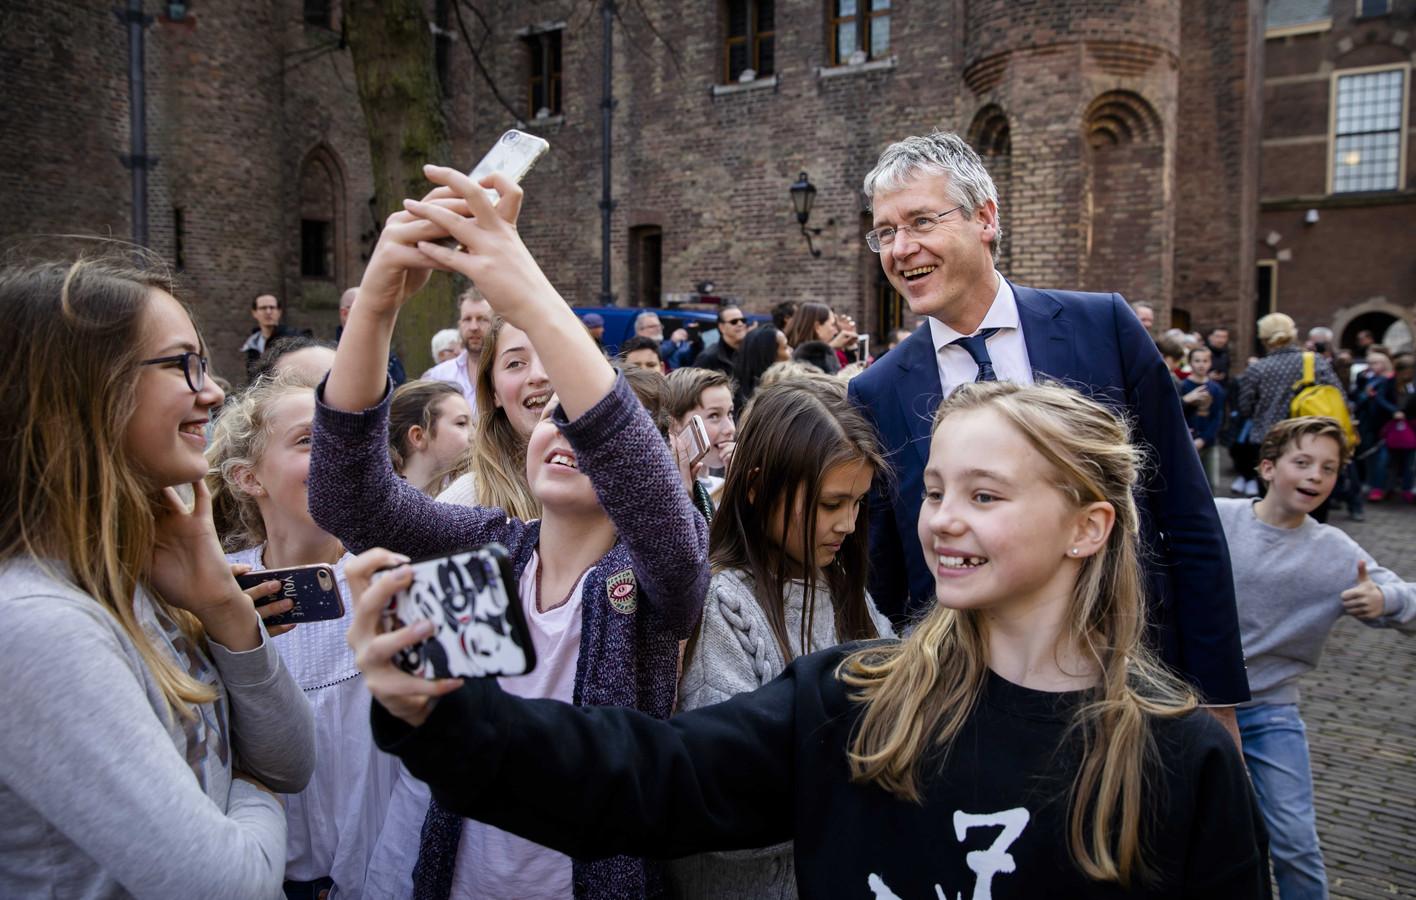 Rotterdamse scholieren maken op het Binnenhof een selfie met Minister Arie Slob voor Basis- en Voortgezet Onderwijs en Media (ChristenUnie).